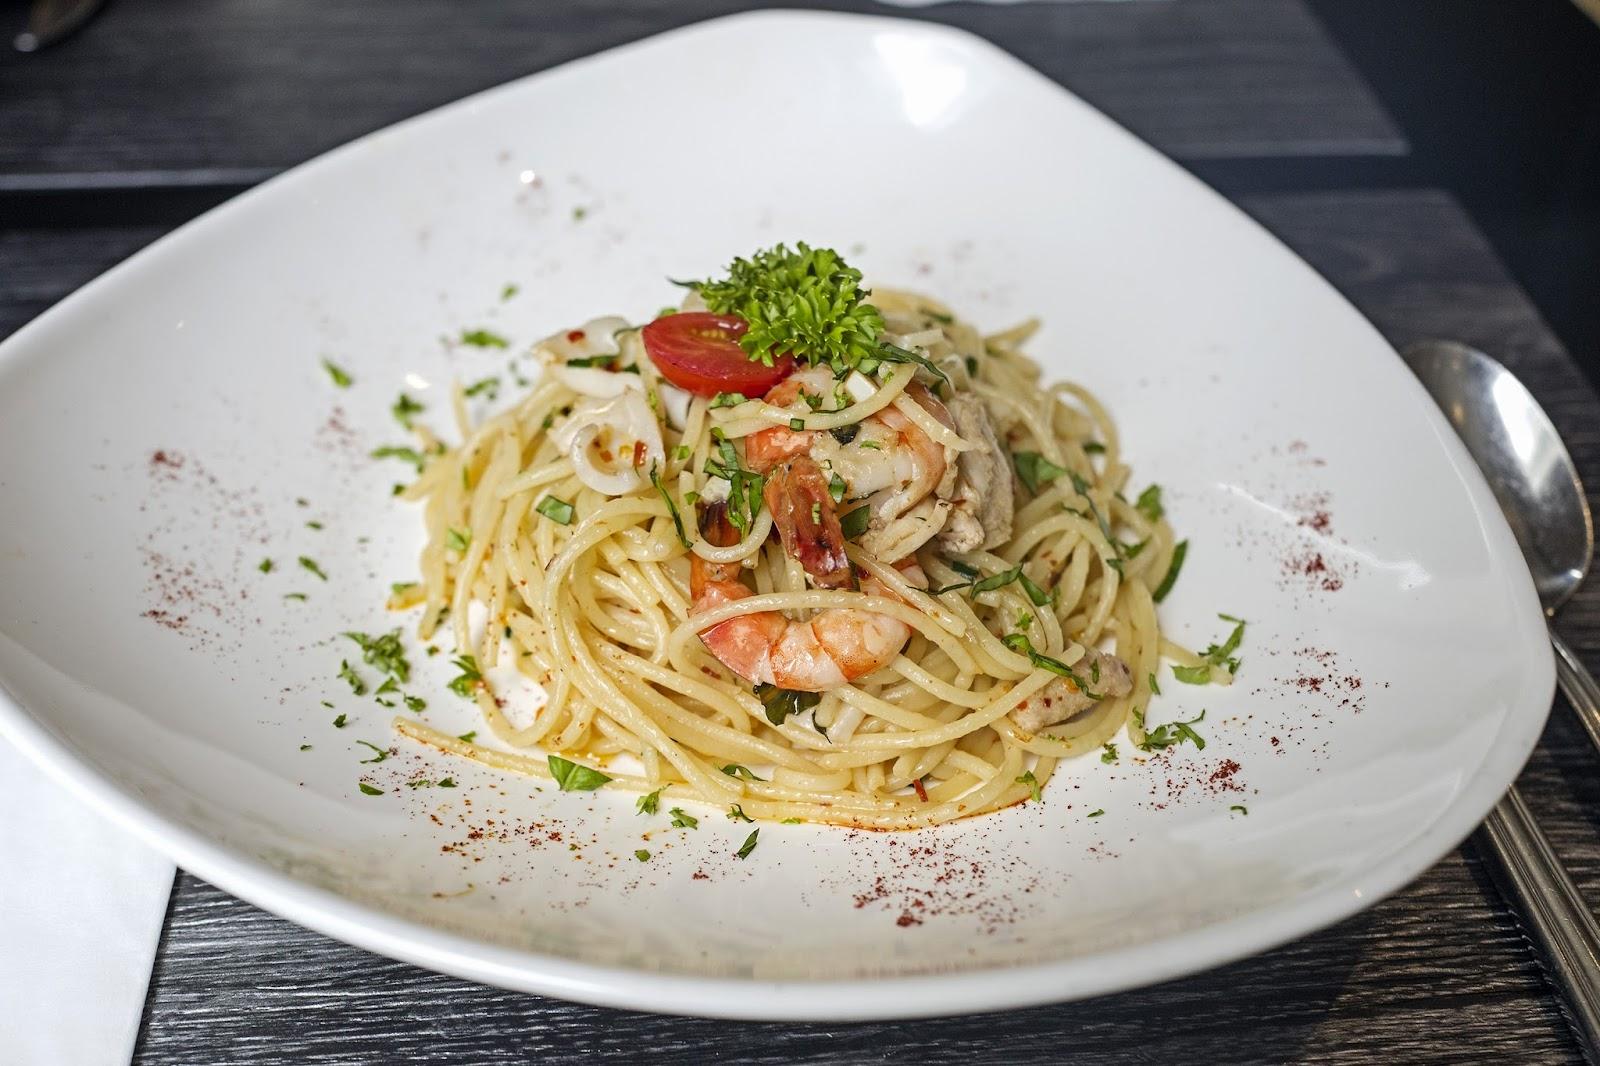 f-aglio-L1070457.jpg